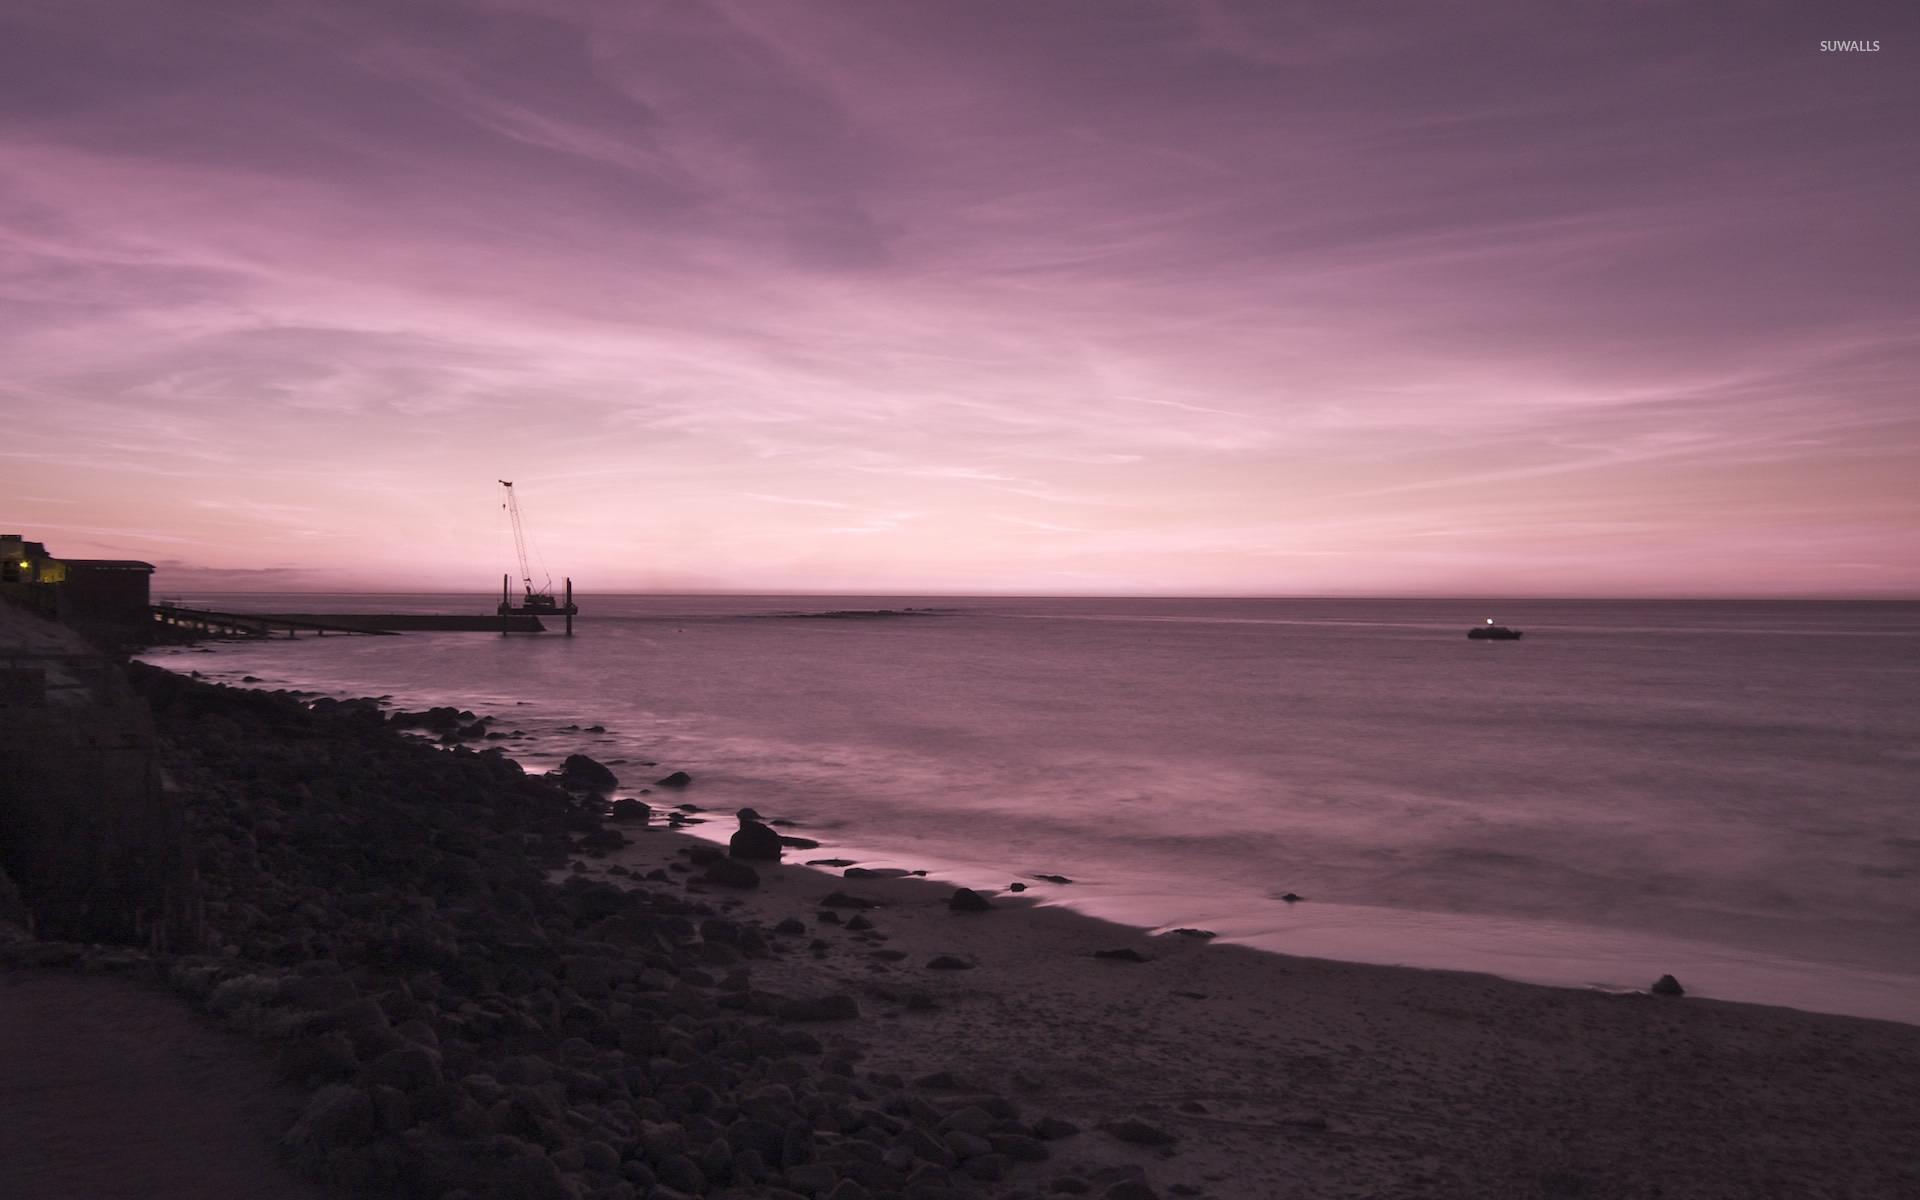 Ocean Purple Sunset Wallpaper Beach Wallpapers 39900